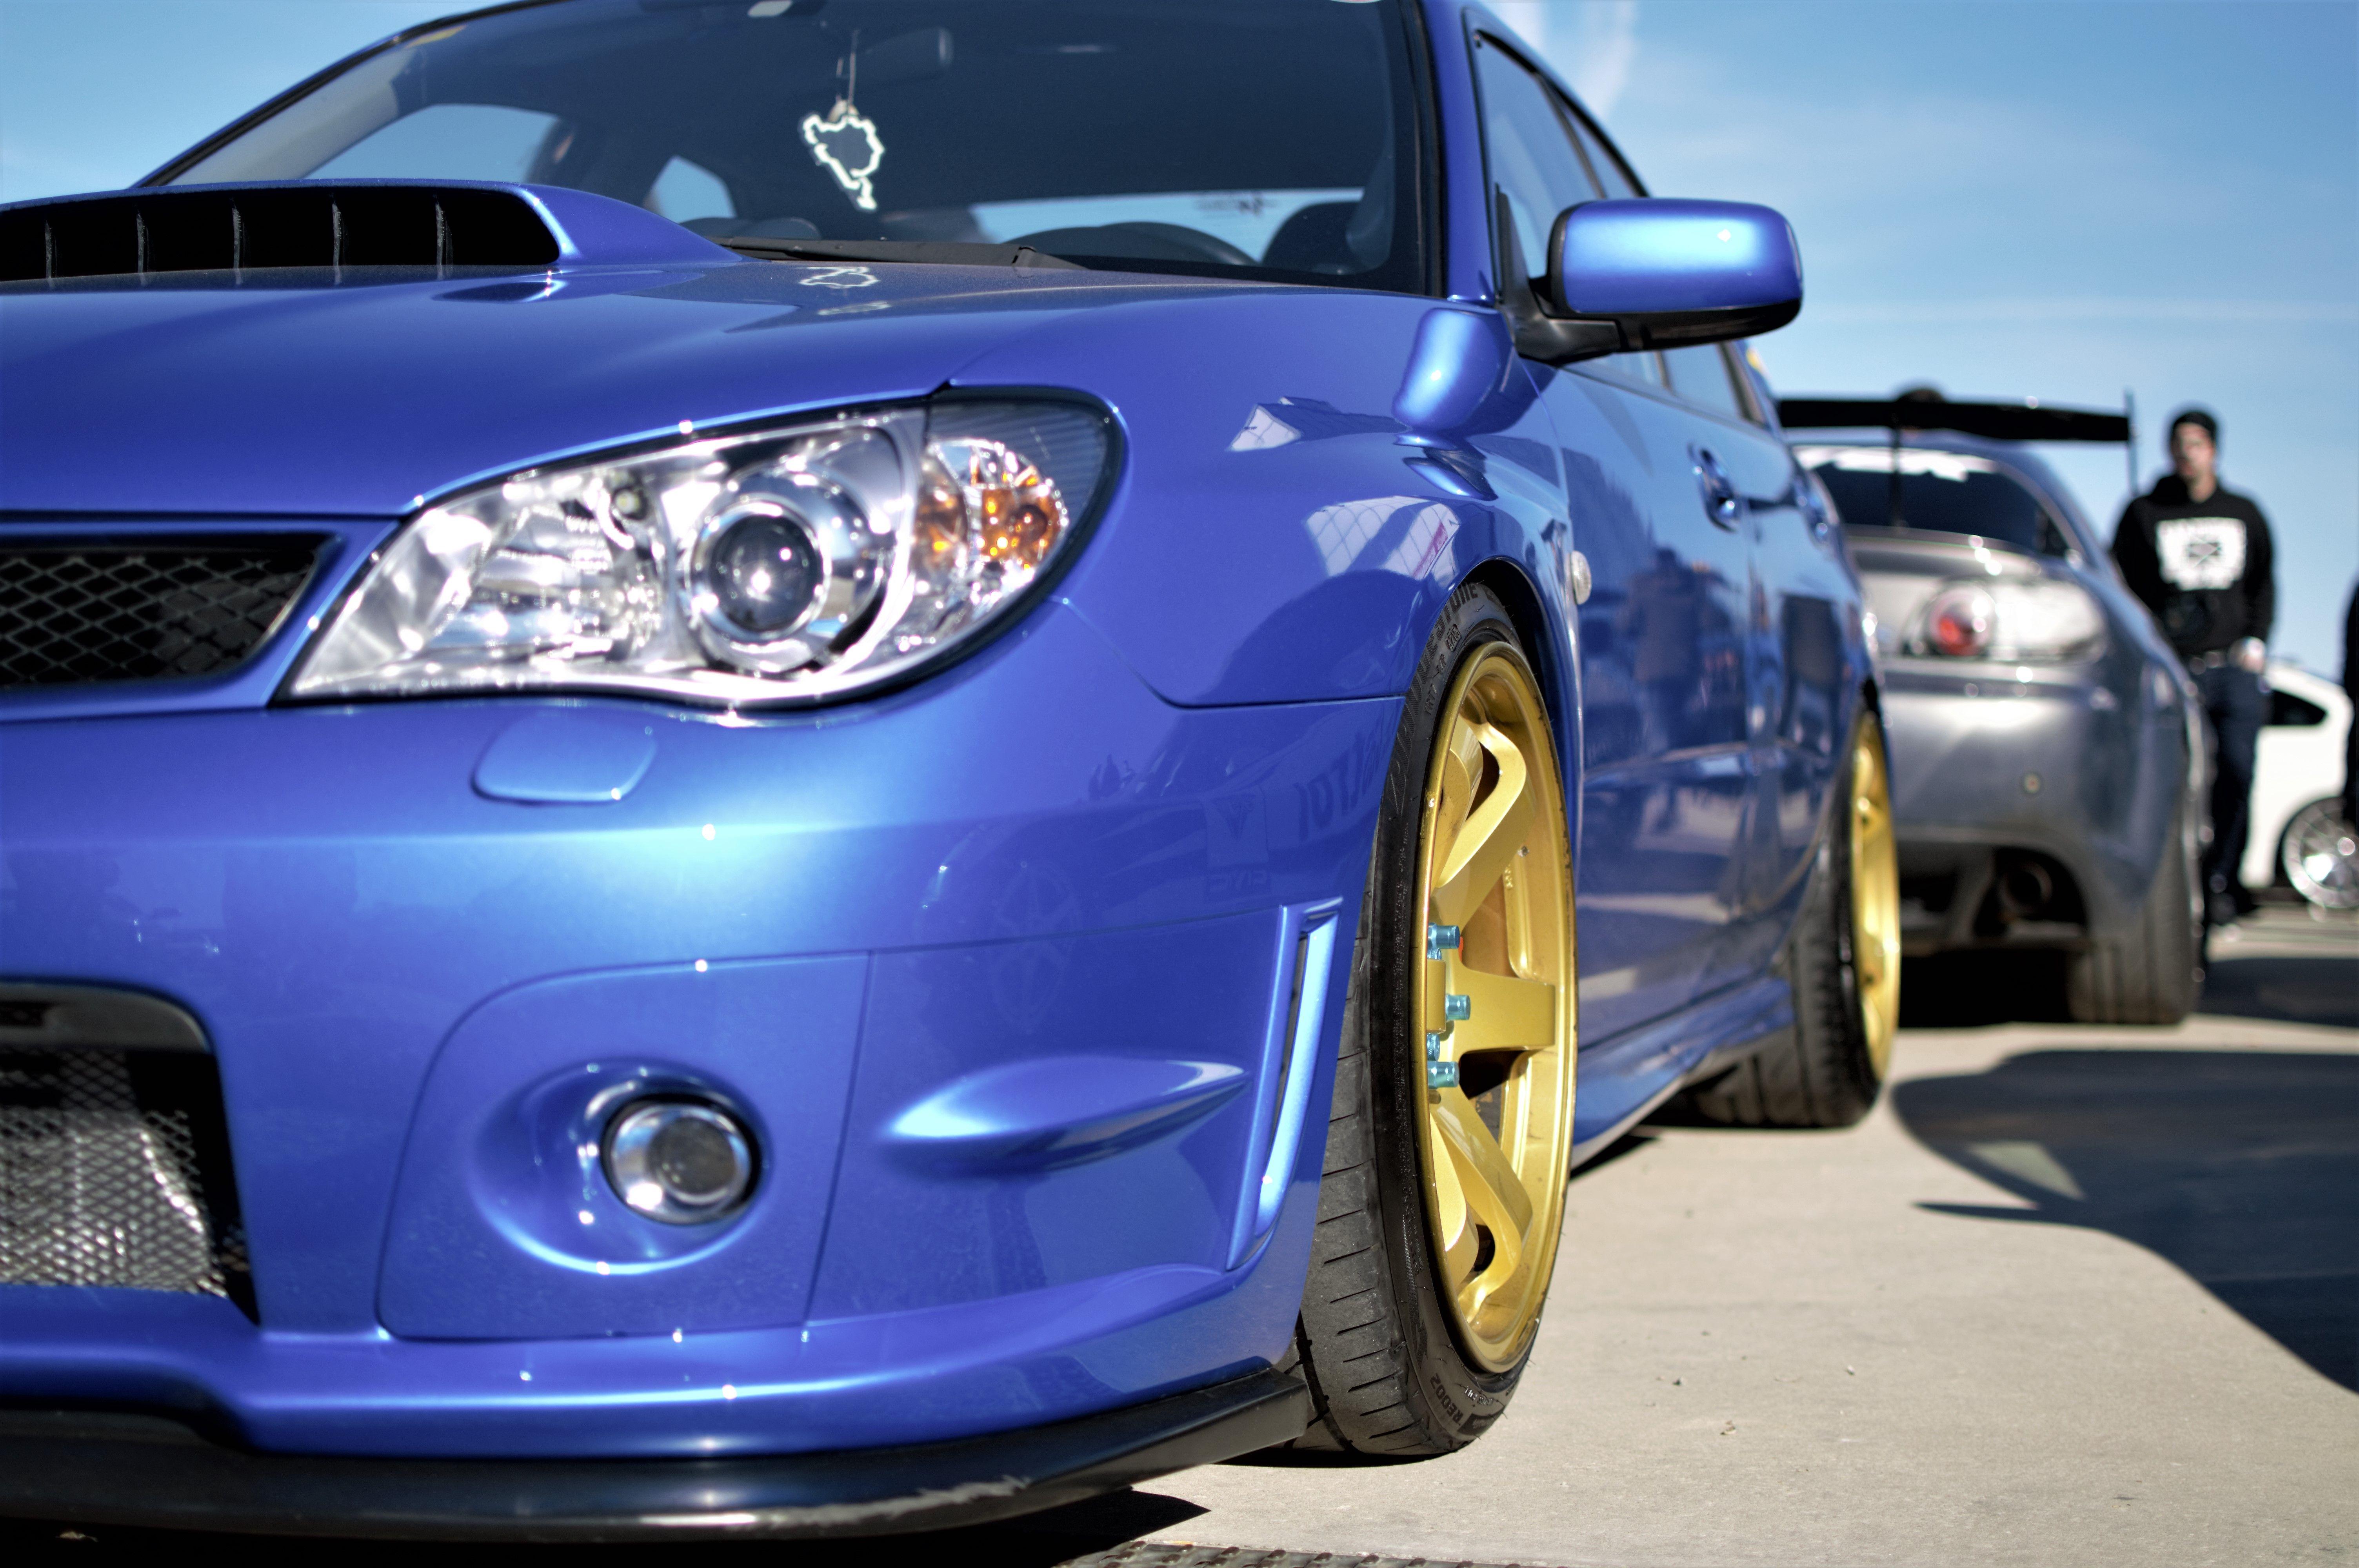 Circuito Kotarr : Pin de crpgy en fast and nice circuito kotarr